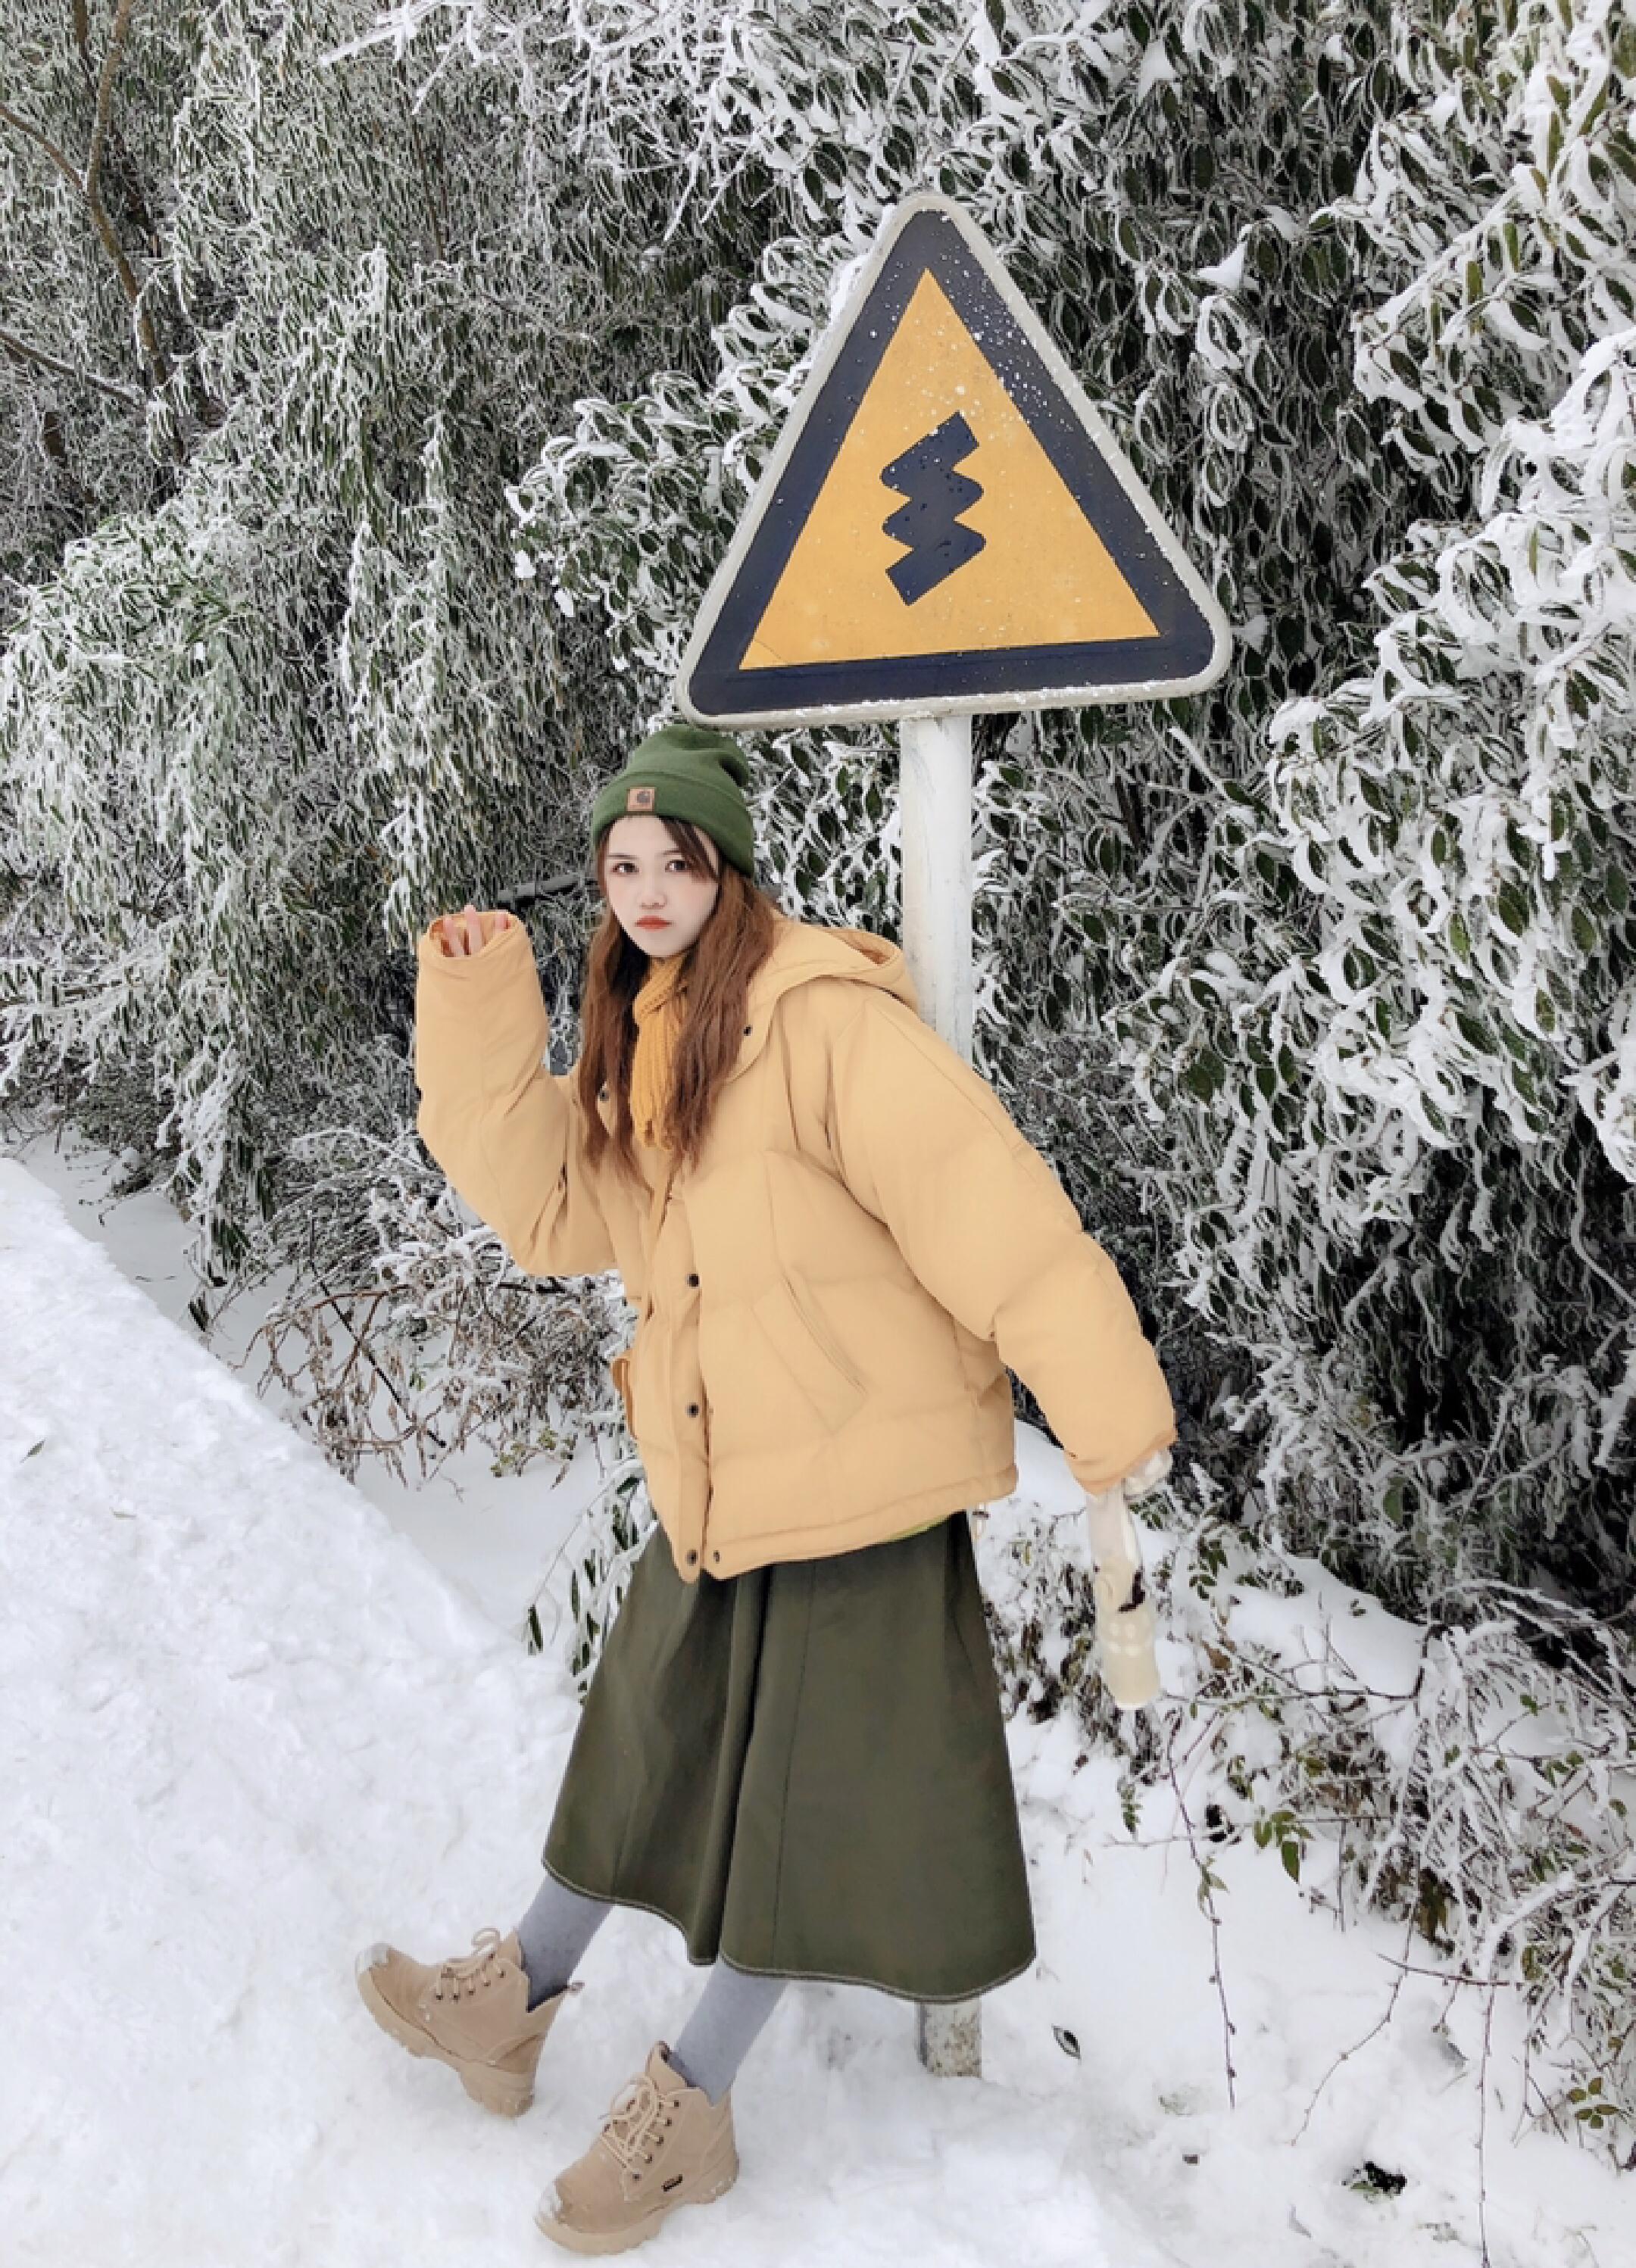 #下装这么搭暖过穿秋裤#超级暖和的一套哦 在雪地也不在话下 保暖又活泼 帽子和裙子呼应 衣服和包包呼应 很和谐的颜色 给冬日几丝活泼的气氛哦 可以说是超级可爱啦